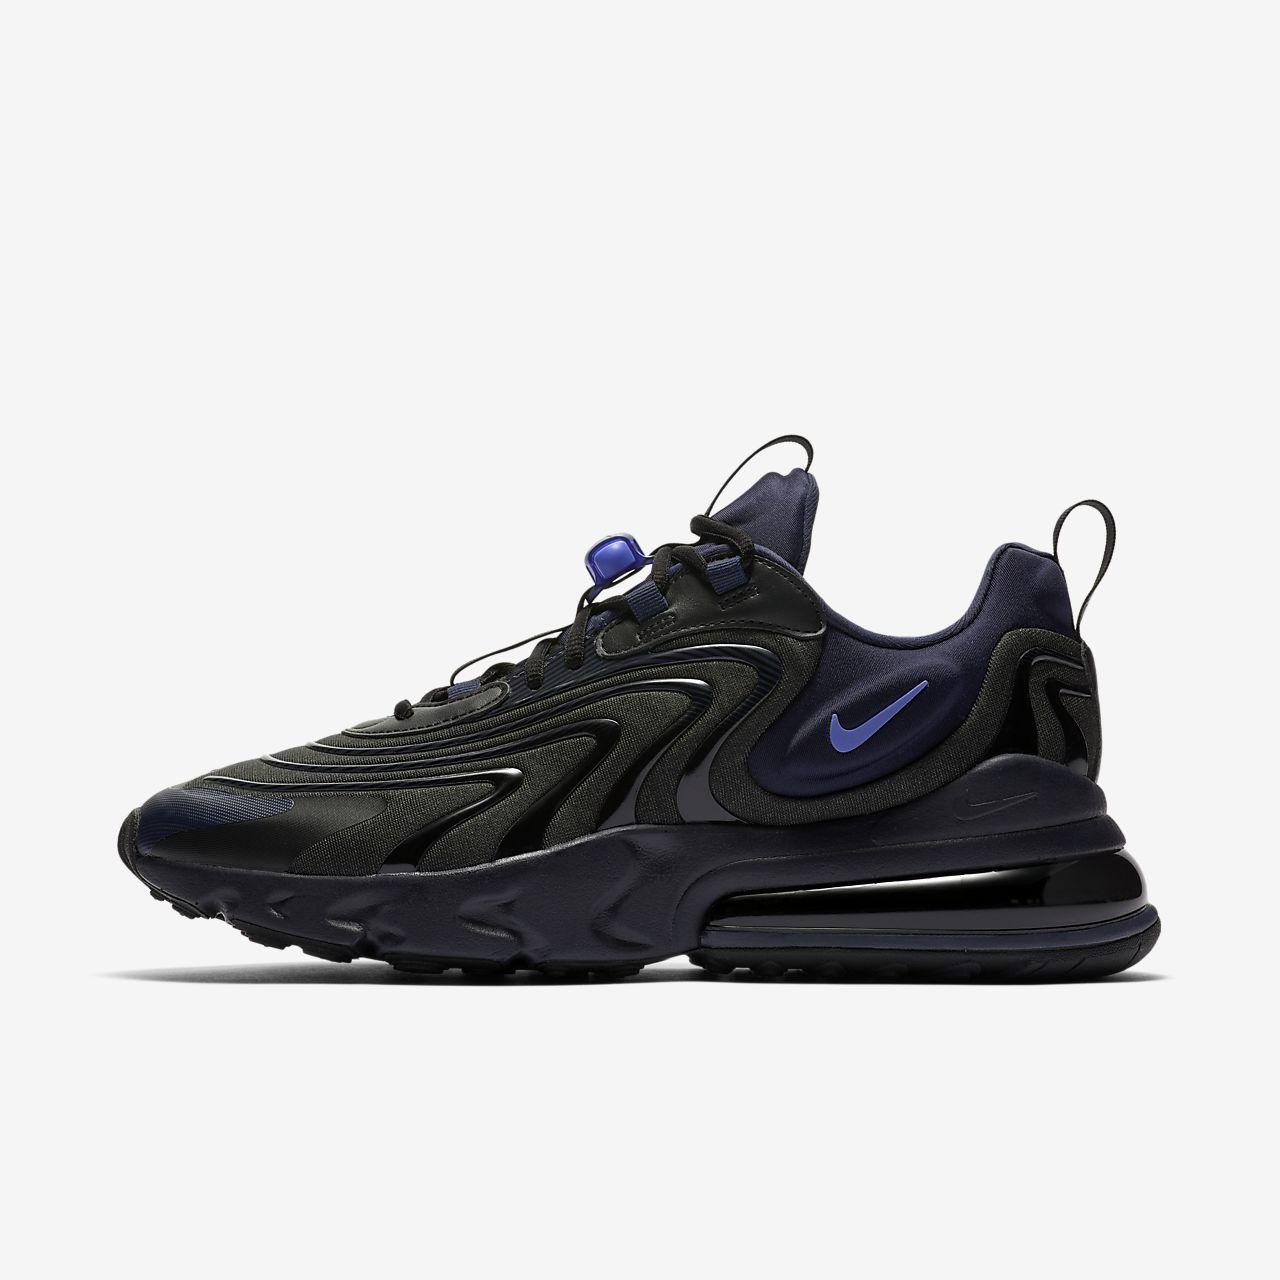 Ανδρικό παπούτσι Nike Air Max 270 React ENG